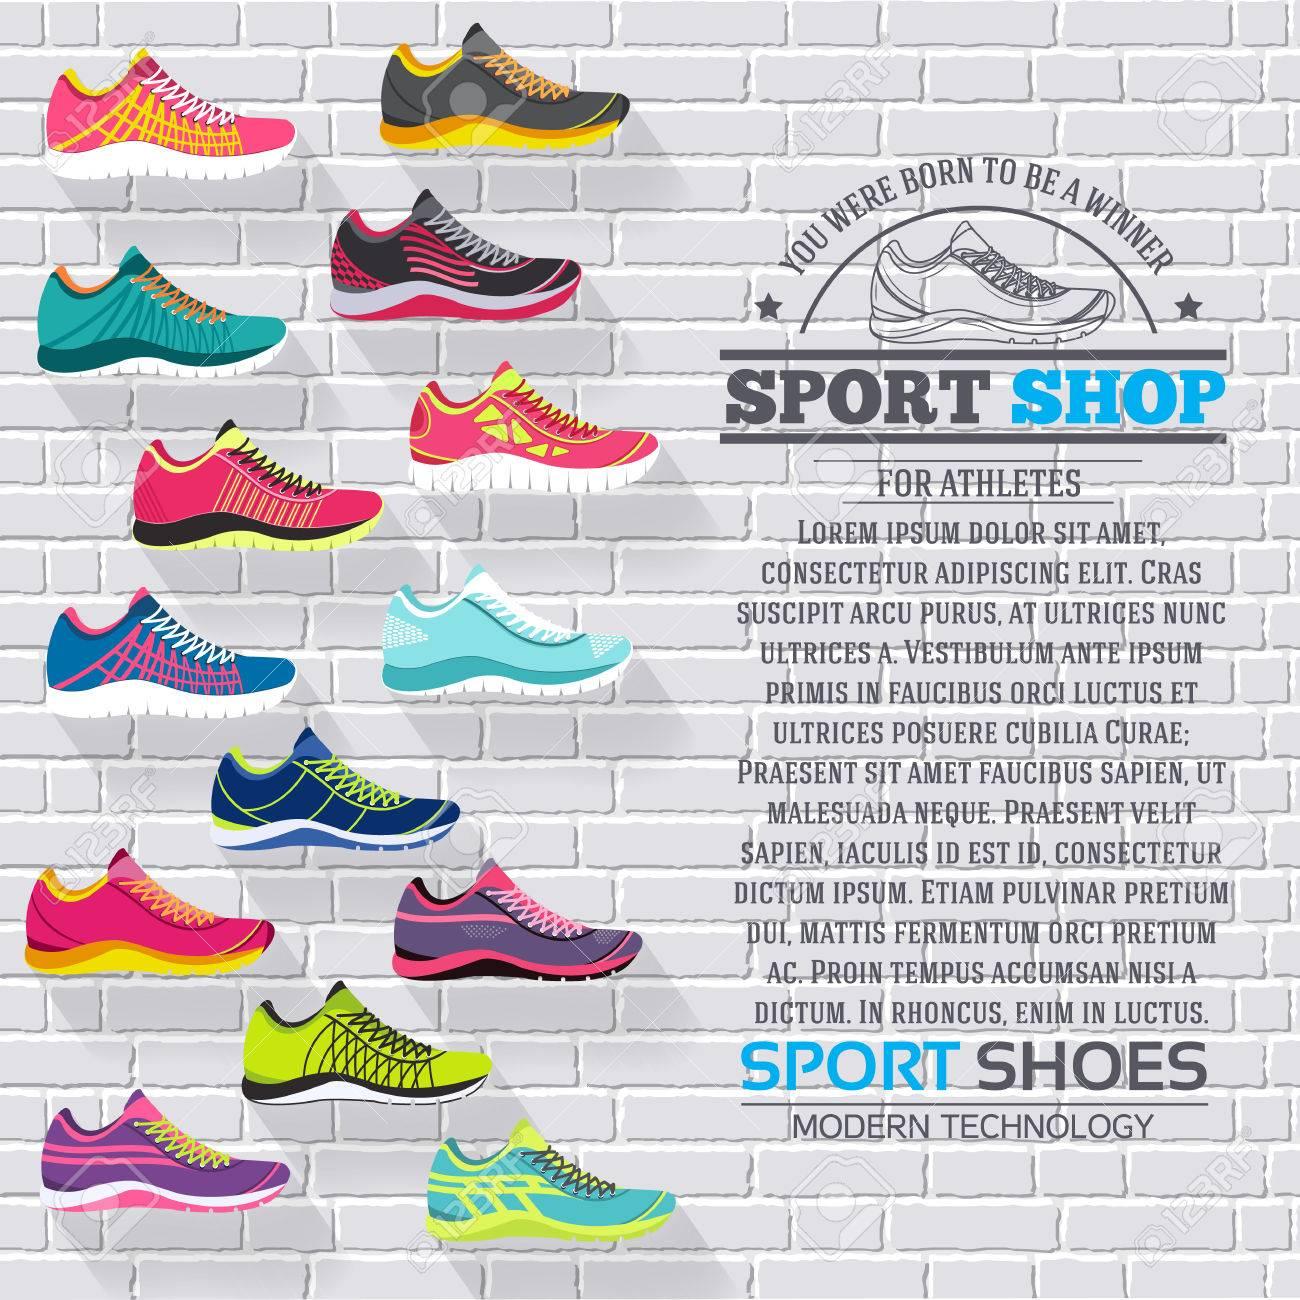 49a590bd4 Gran colección plana ilustración Conjunto de zapatillas de correr, caminar,  ir de compras, los fondos del estilo. Vector los elementos conceptuales ...